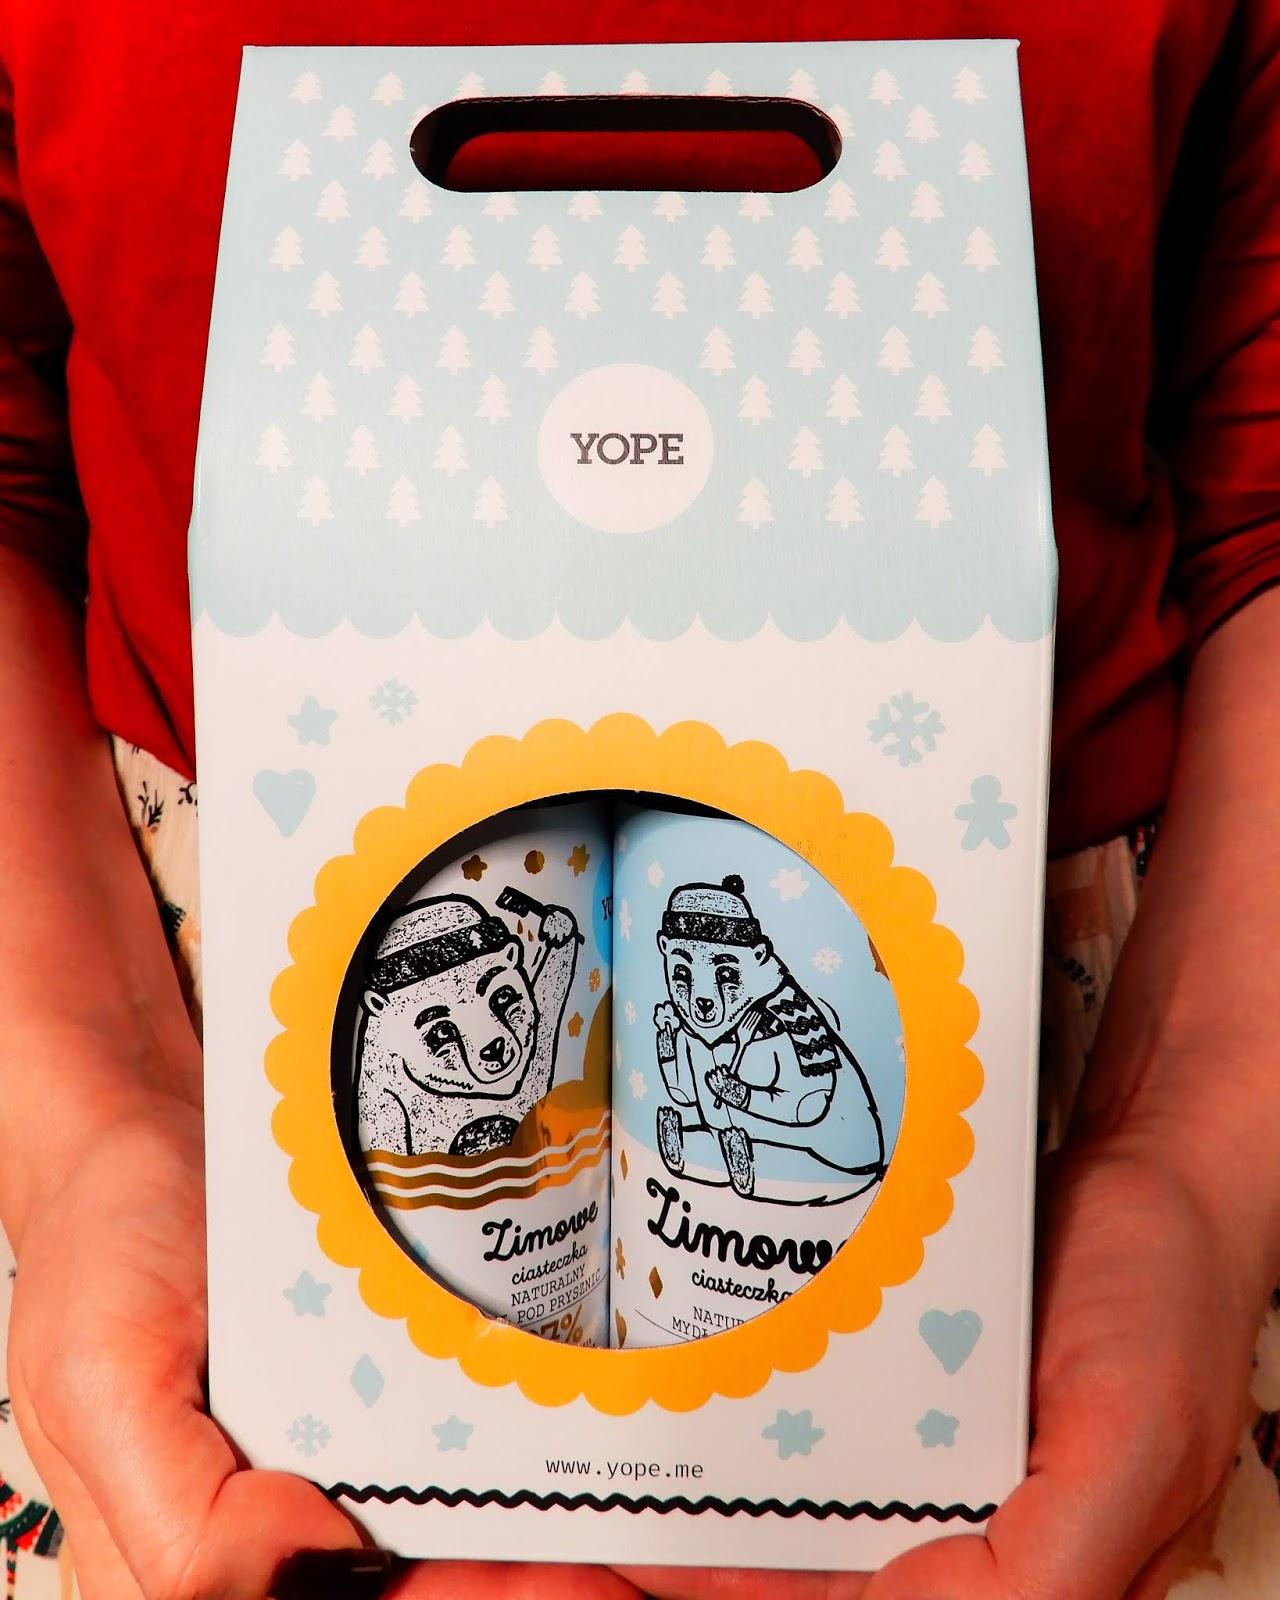 świąteczne inspiracje, świąteczna piżama primark,Yope Zimowe ciasteczka,